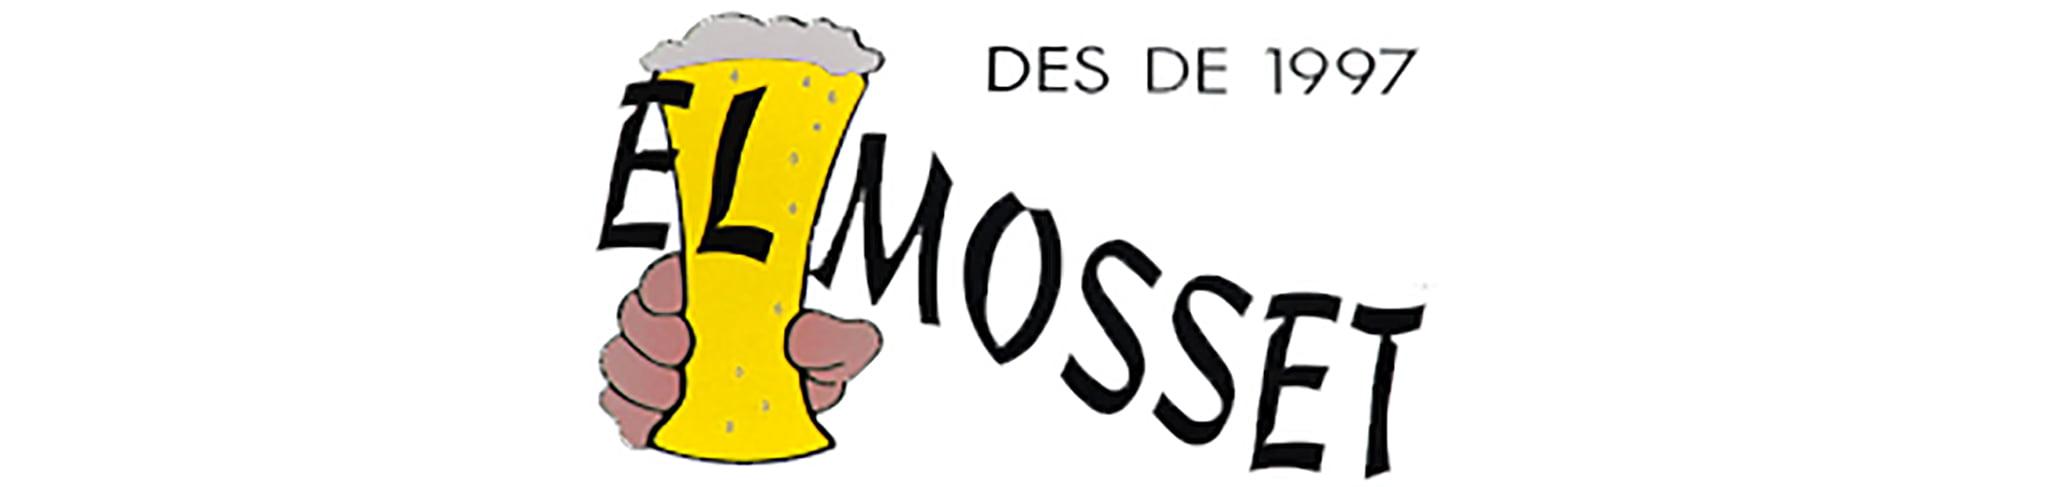 Logo Mosset